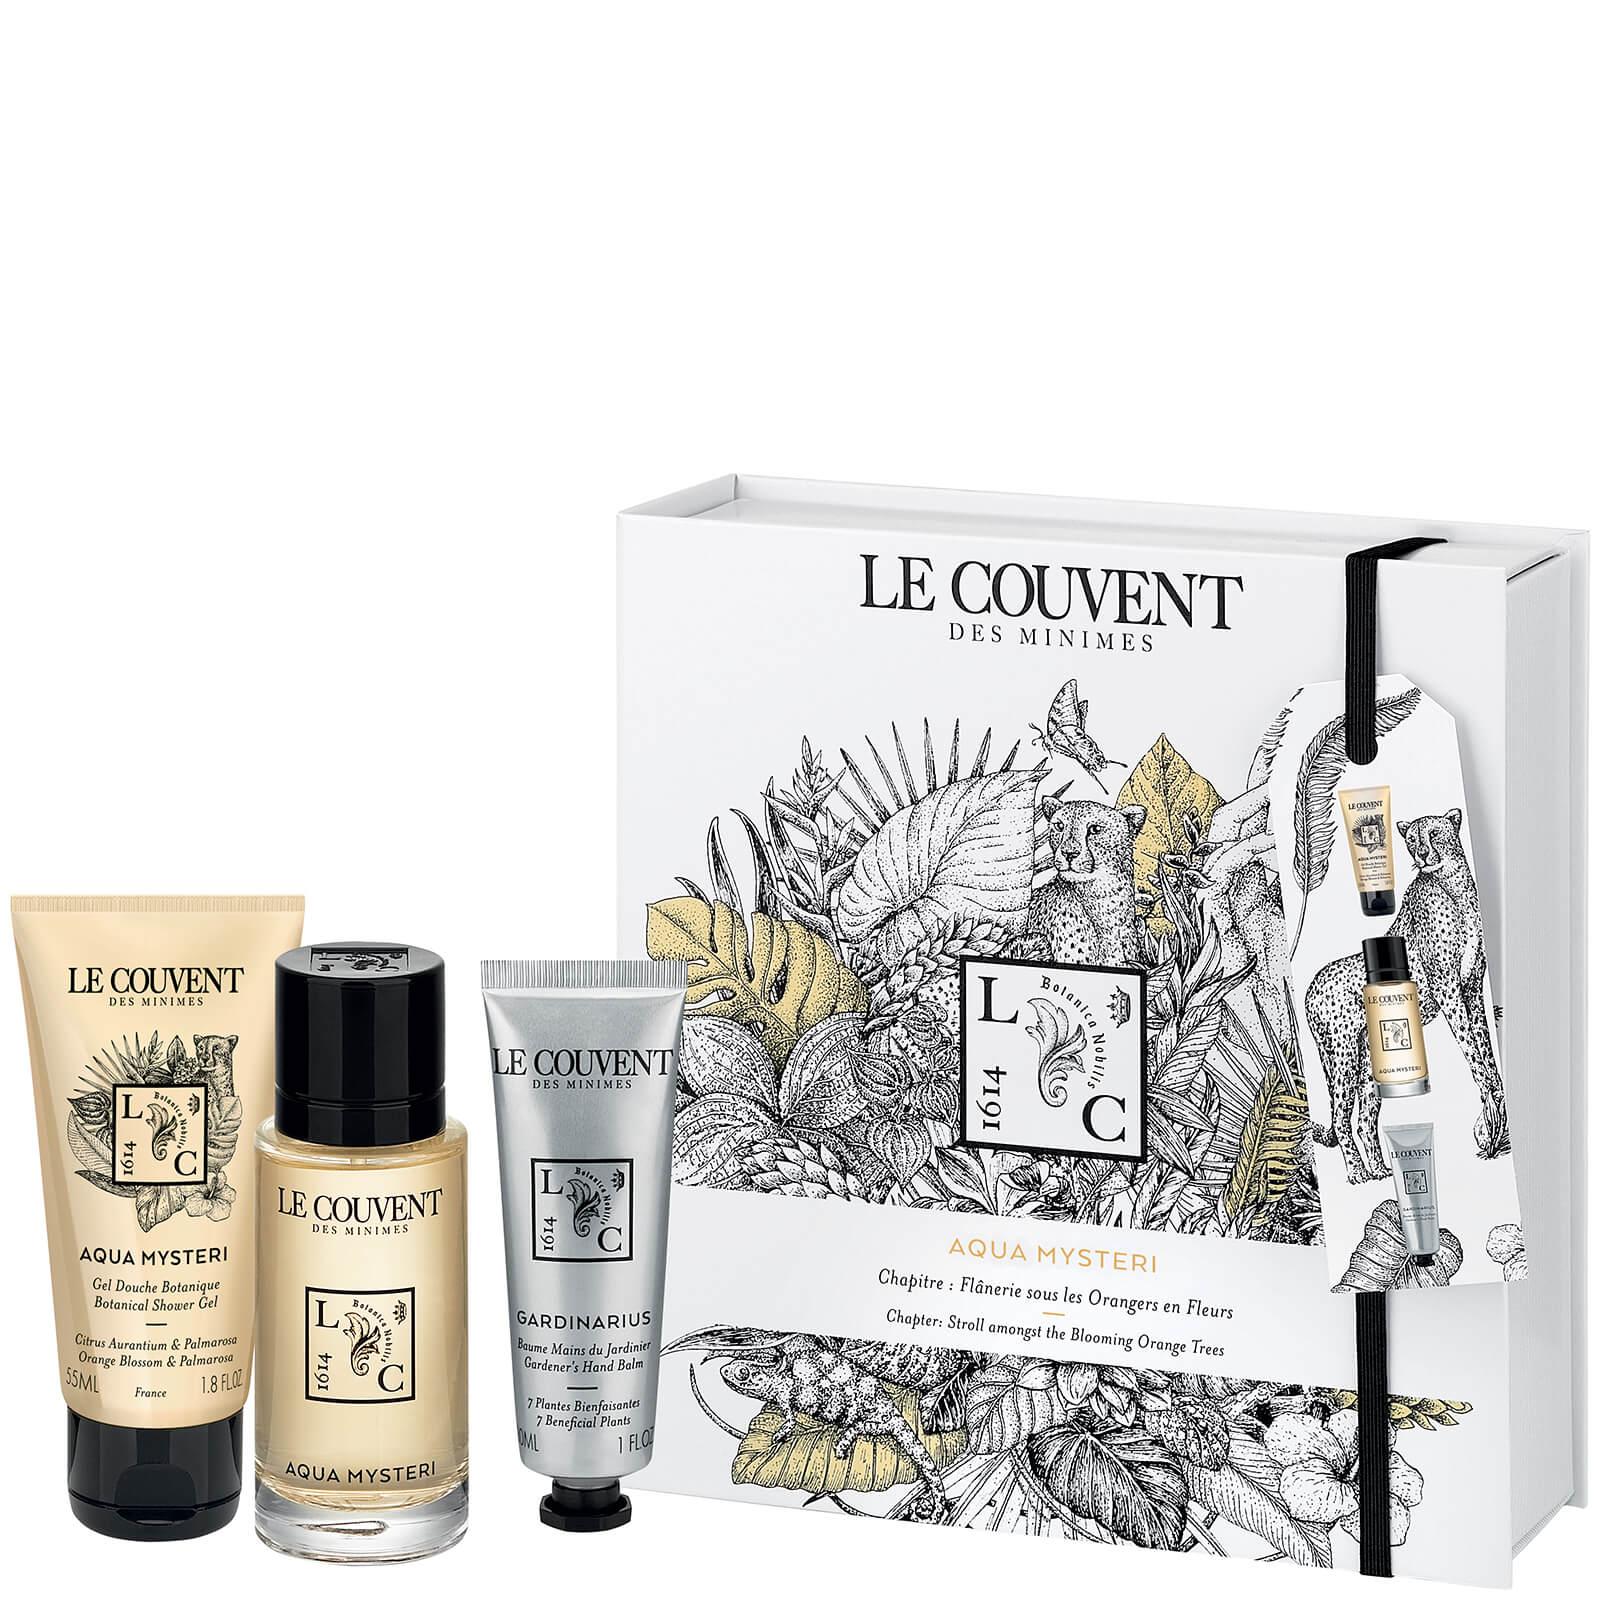 Le Couvent des Minimes Coffret Mysteri Christmas Gift Set (Worth £55.00)